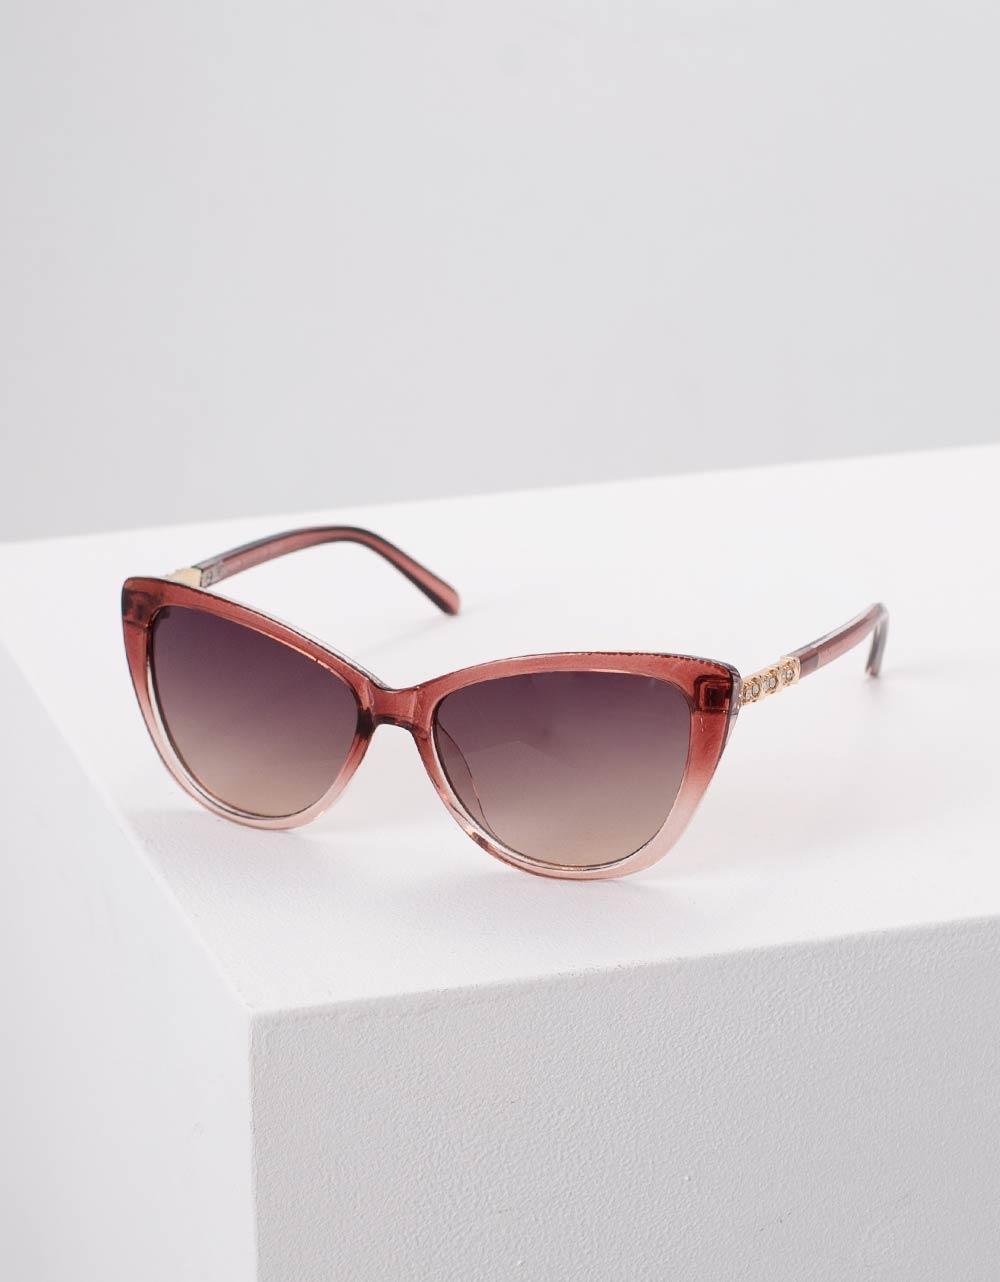 Εικόνα από Γυναικεία γυαλιά ηλίου Μπορντώ